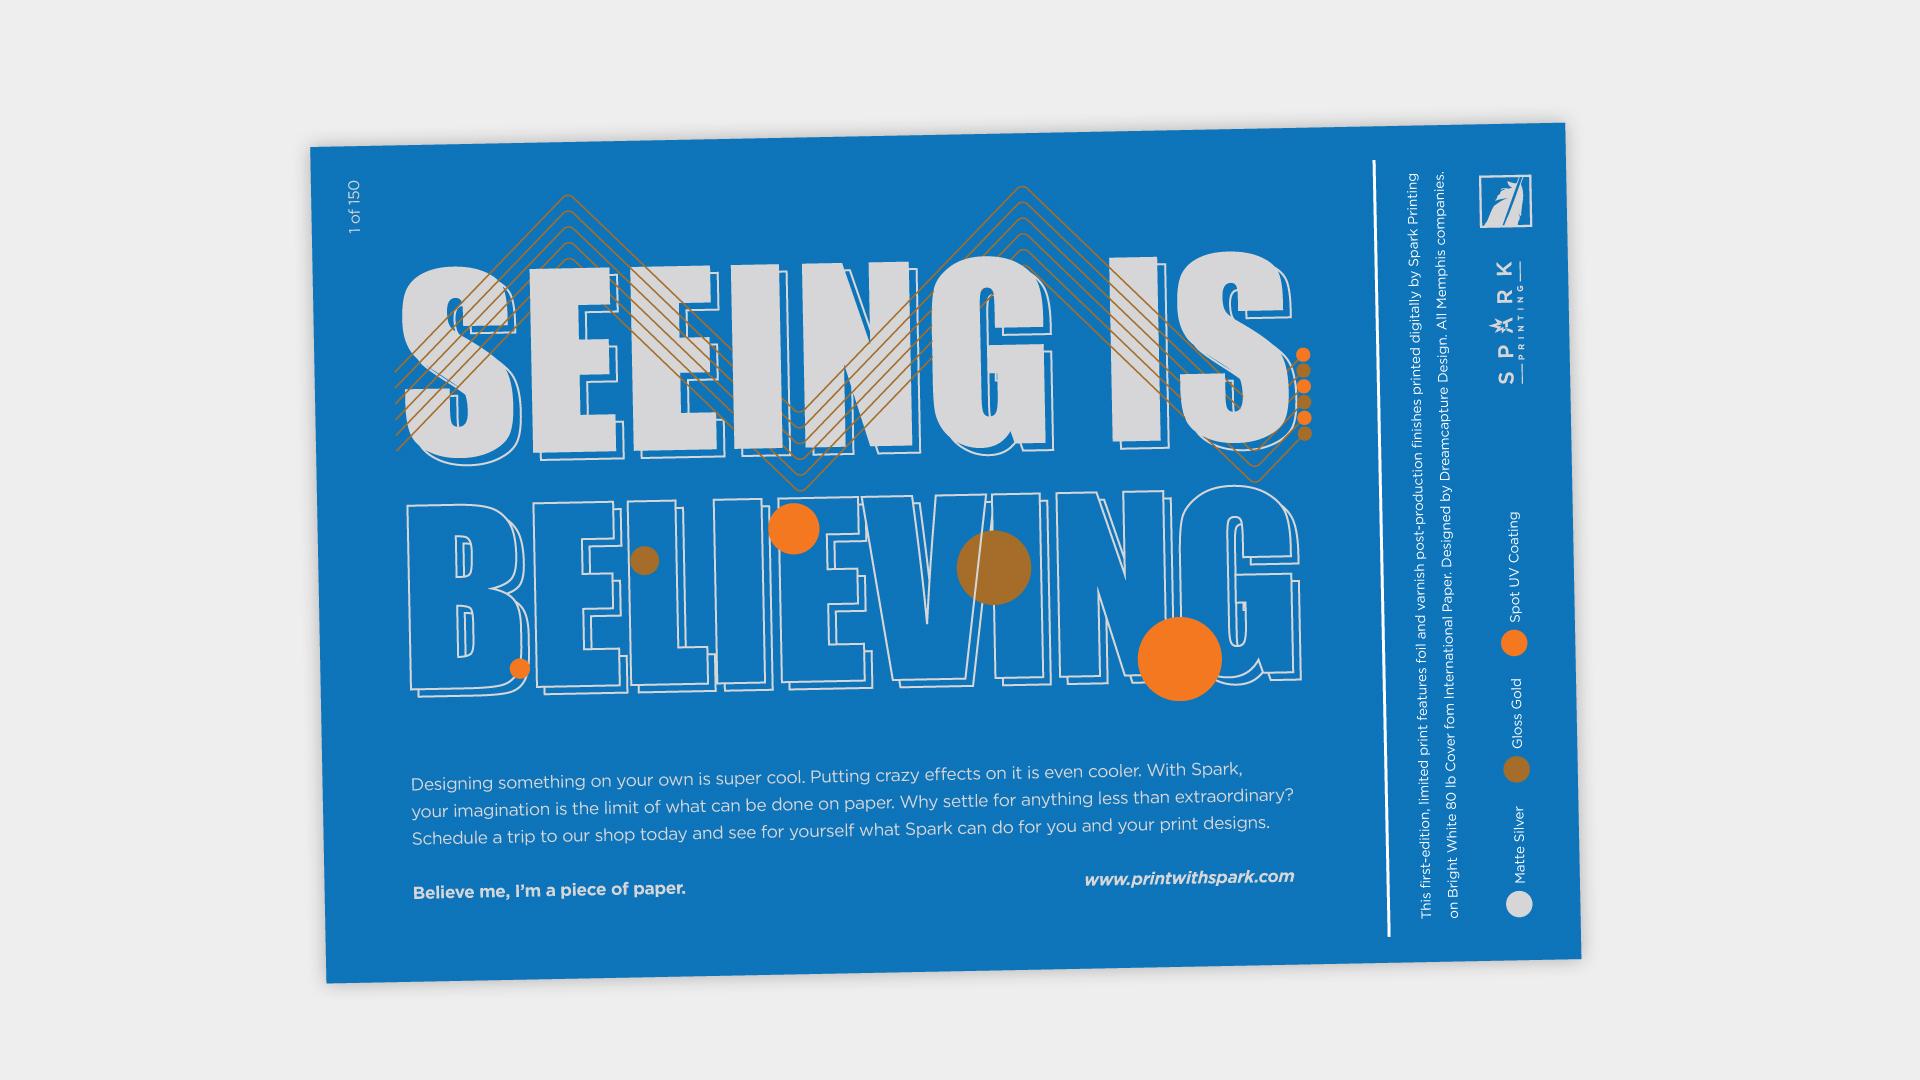 Spark-Printing_Print-Design_Campaign_Dreamcapture_Memphis-TN